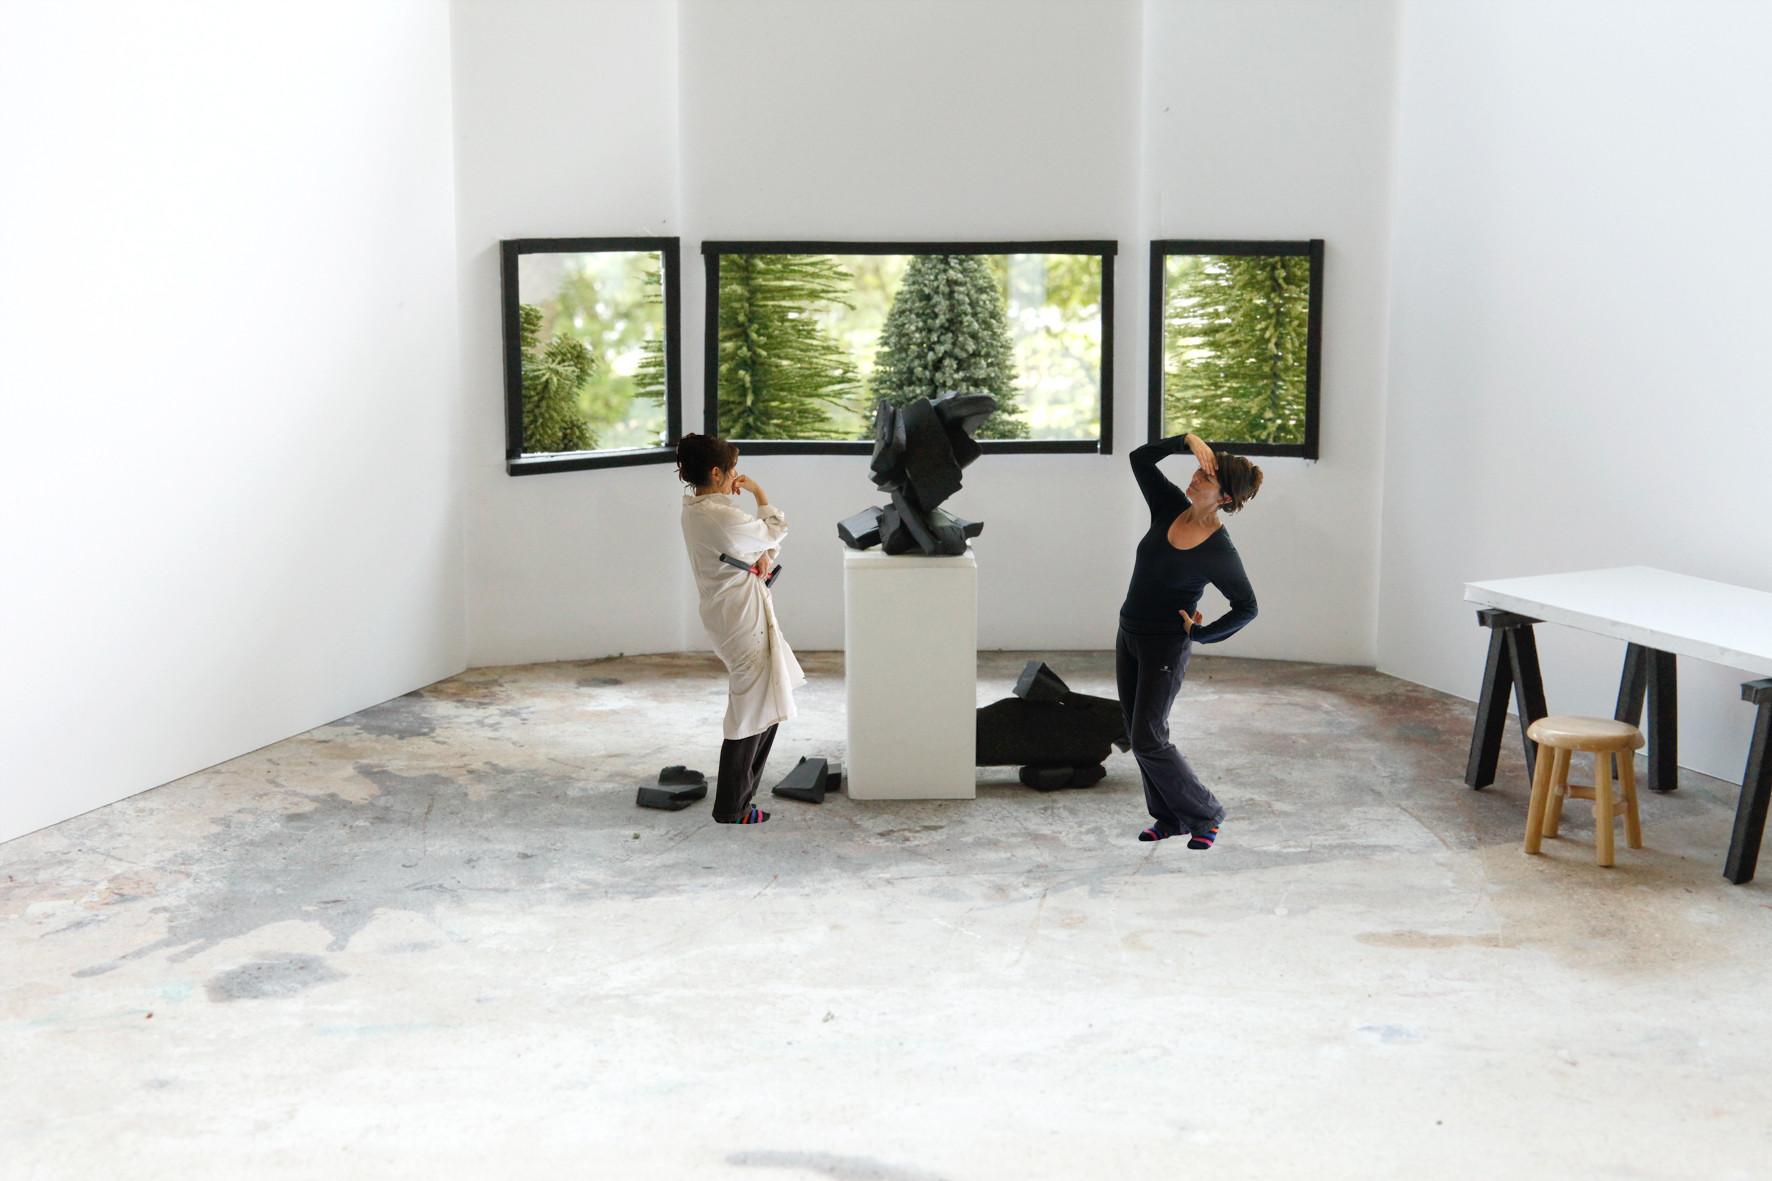 Muriel Bordier, L'artiste en résidence, détail film d'animation, 2014.